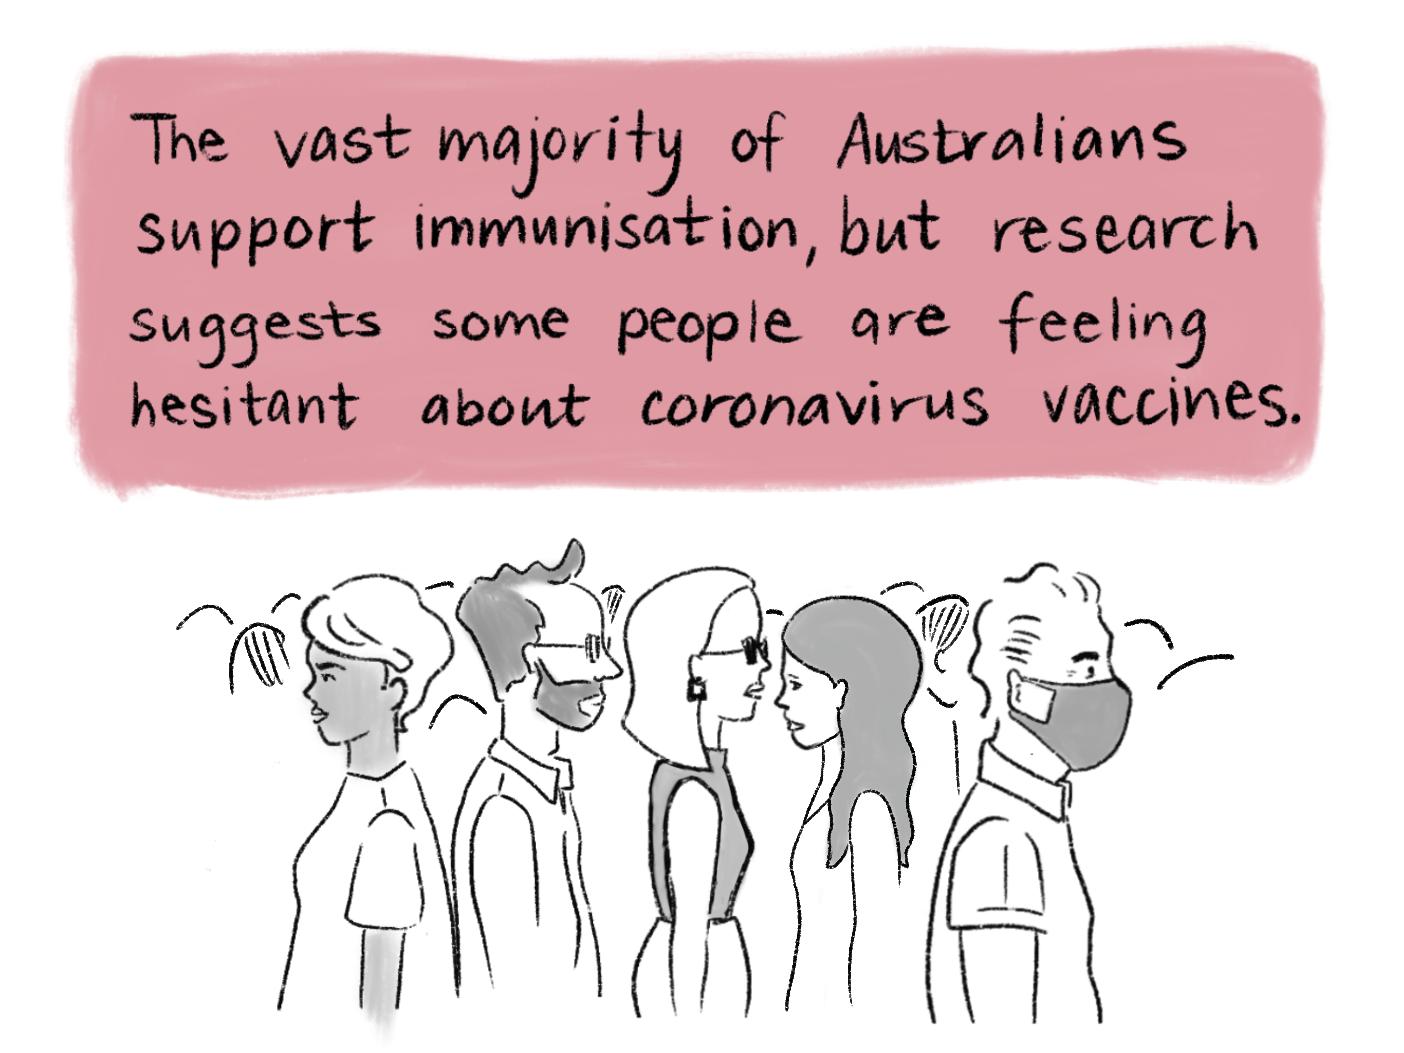 Vaccination comic scene 3. Read the transcript below.